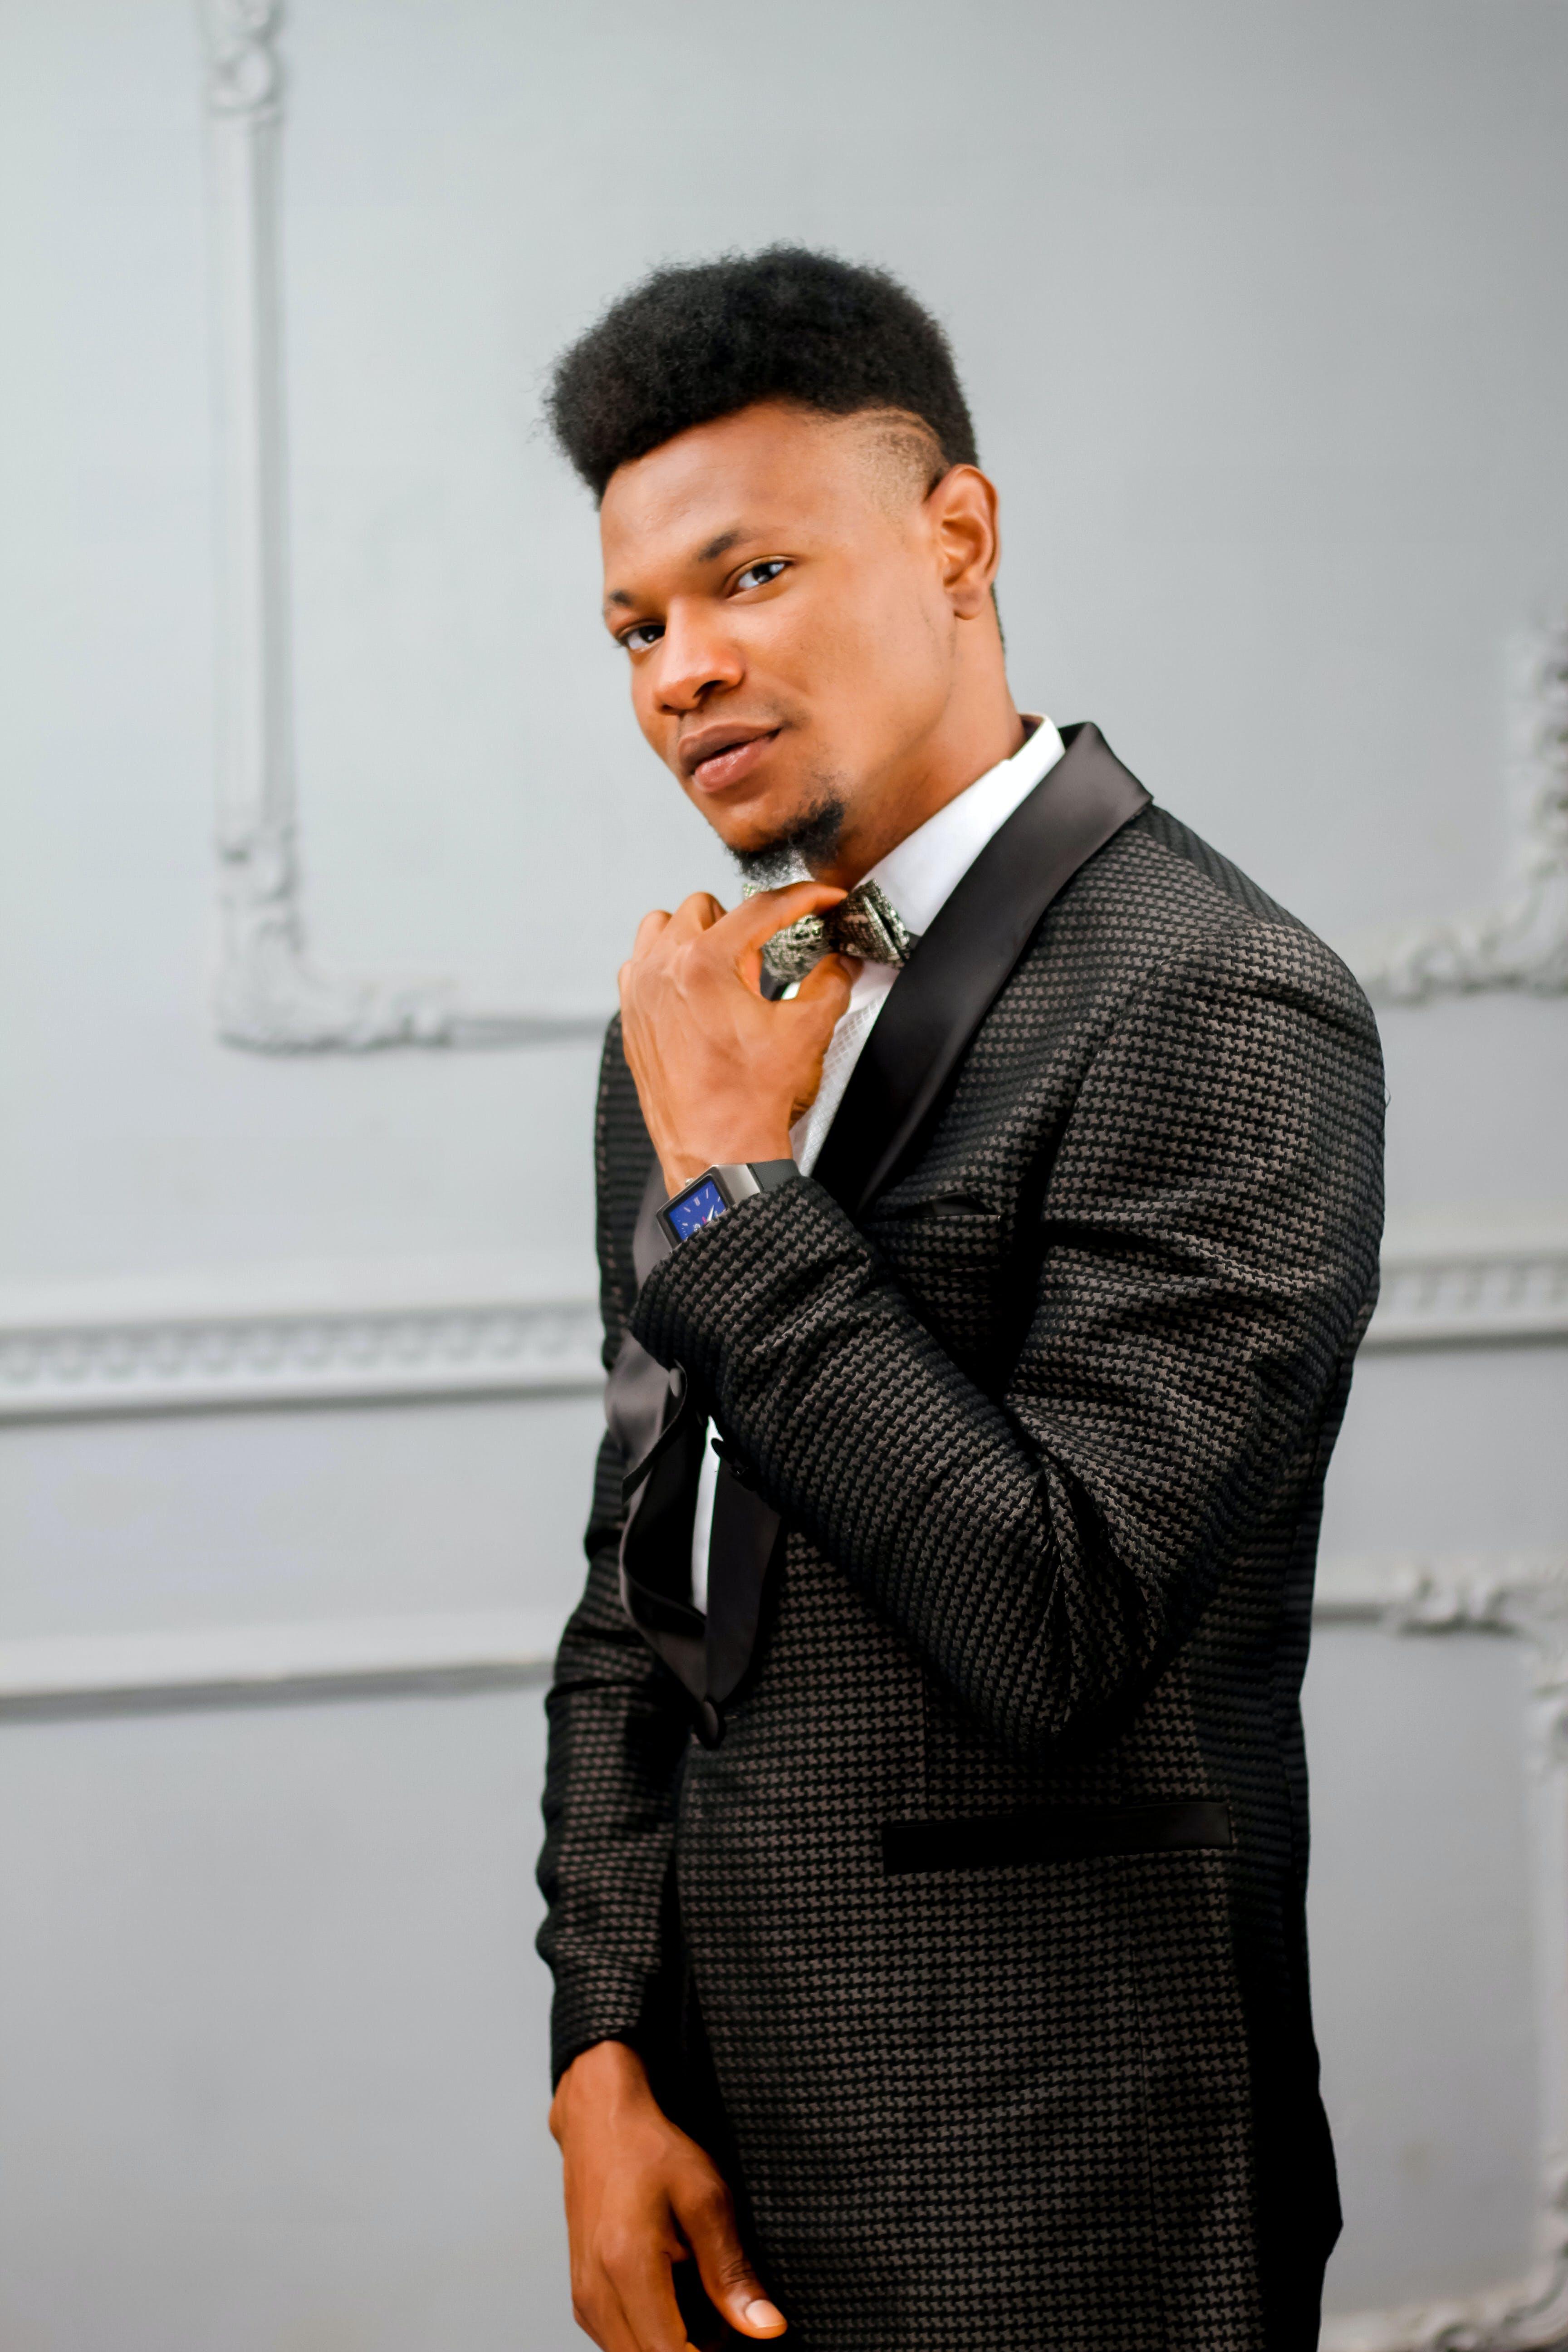 Kostenloses Stock Foto zu afroamerikanischer mann, anzug, drinnen, elegant